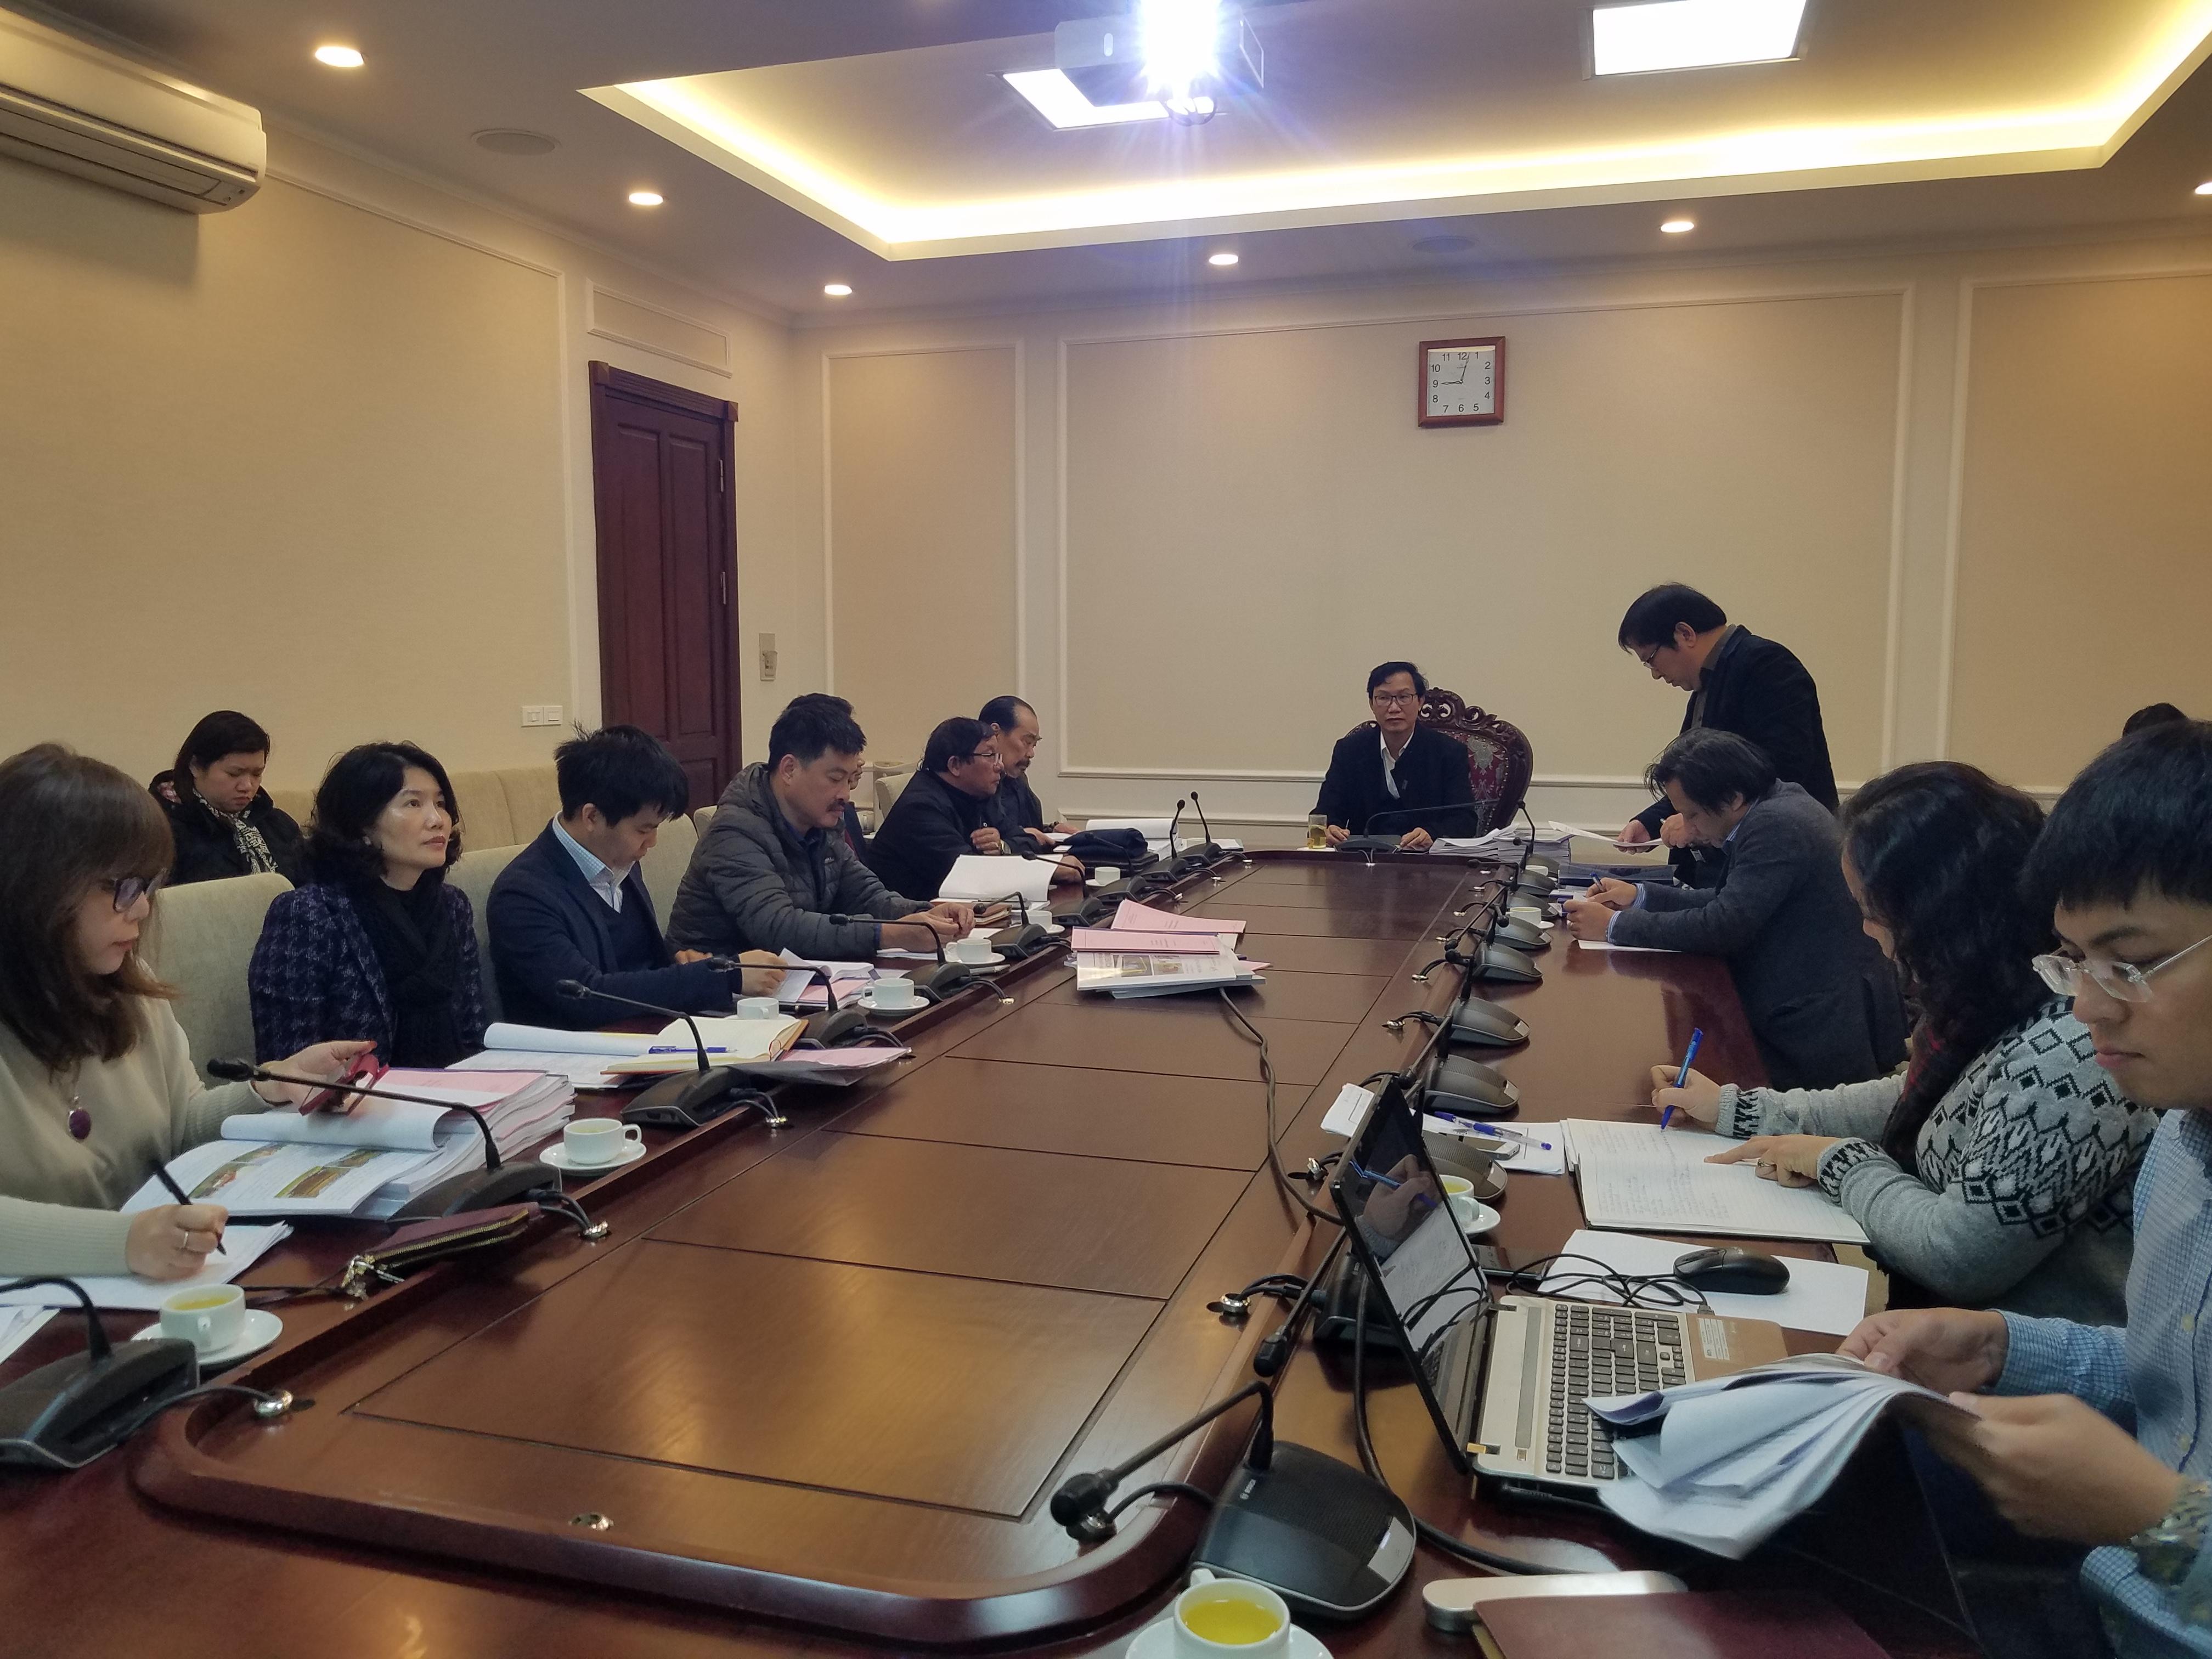 1 Viện trưởng Viện Kiến trúc Quốc gia Đỗ Thanh Tùng phát biểu tại buổi làm việc